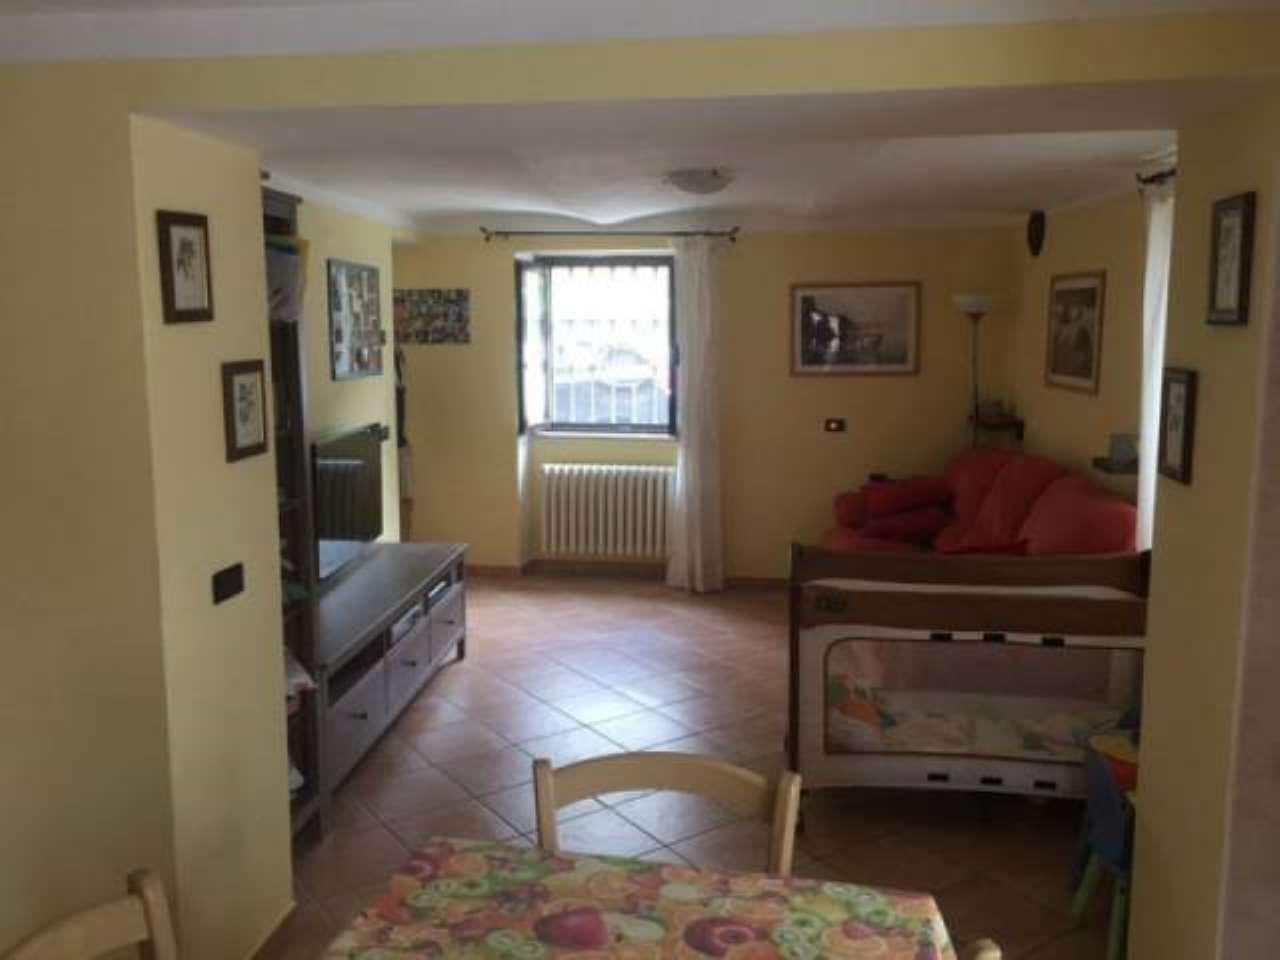 Villa in vendita a Oviglio, 5 locali, prezzo € 95.000 | CambioCasa.it